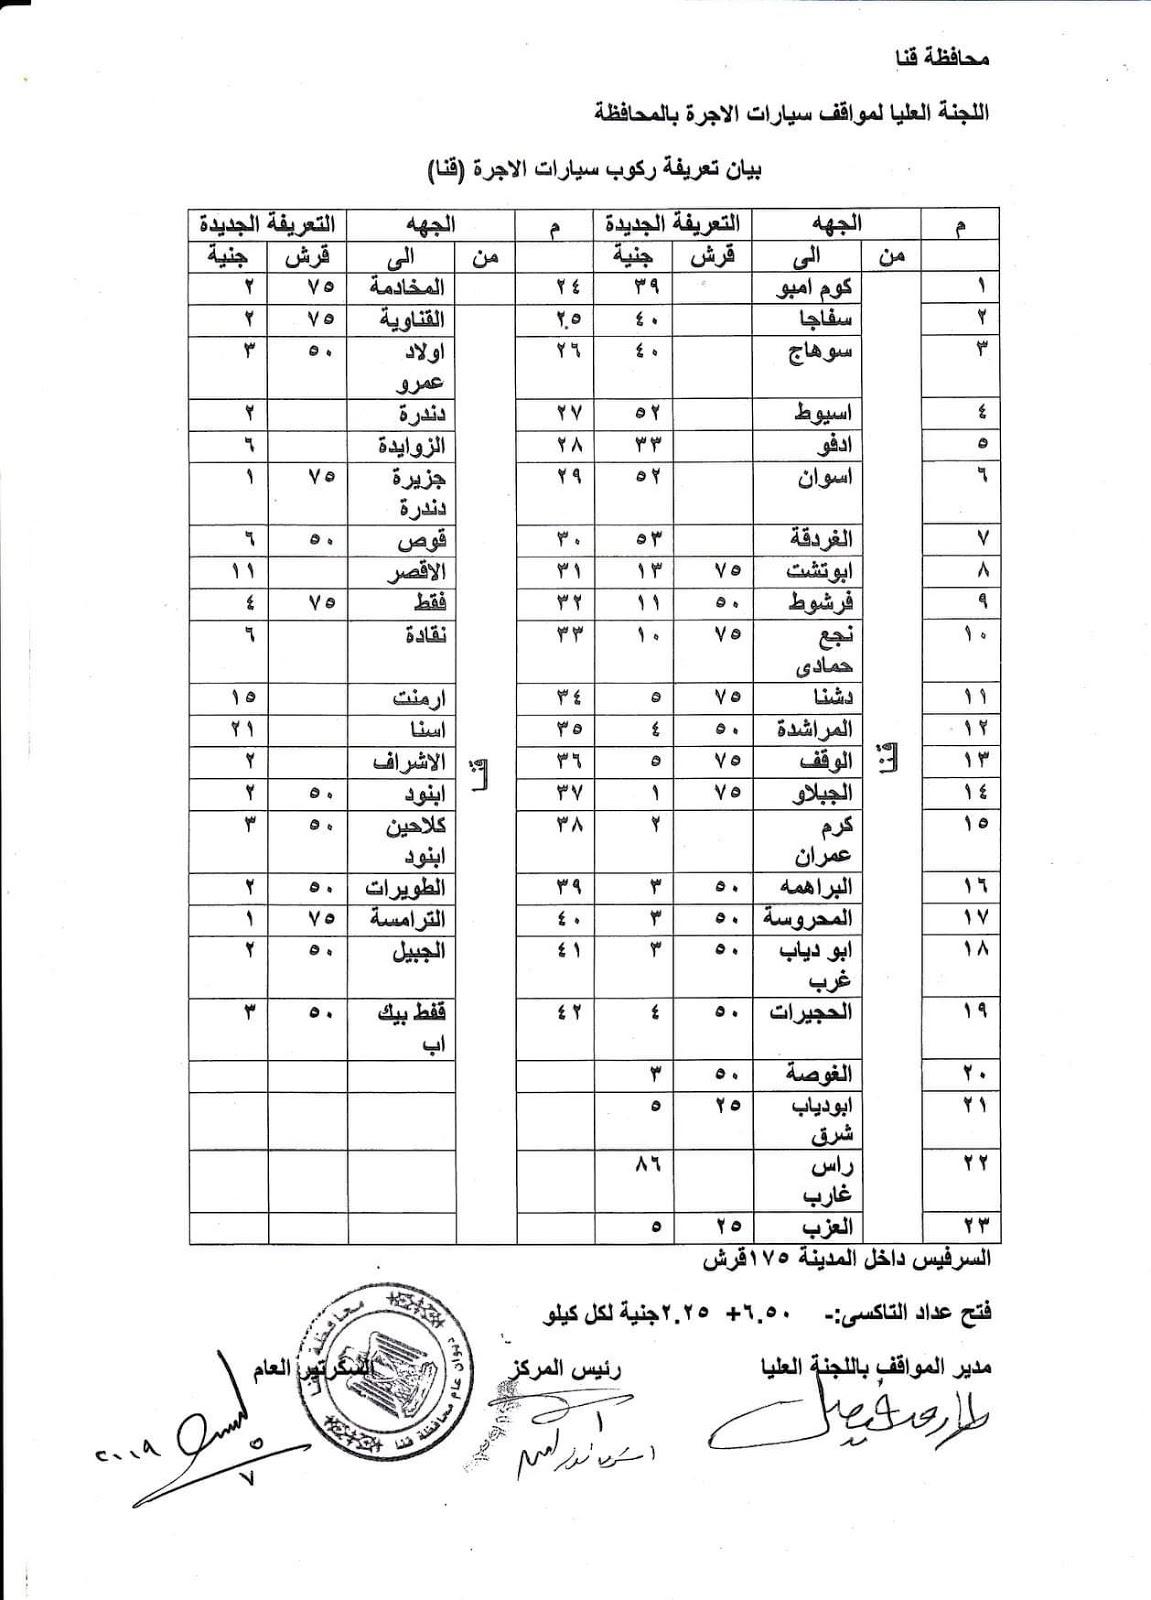 ننشر التعريفه الجديده للمواصلات داخل وبين المدن المصرية بعد زياده اسعار الوقود بجميع المحافظات FB_IMG_1562341661839